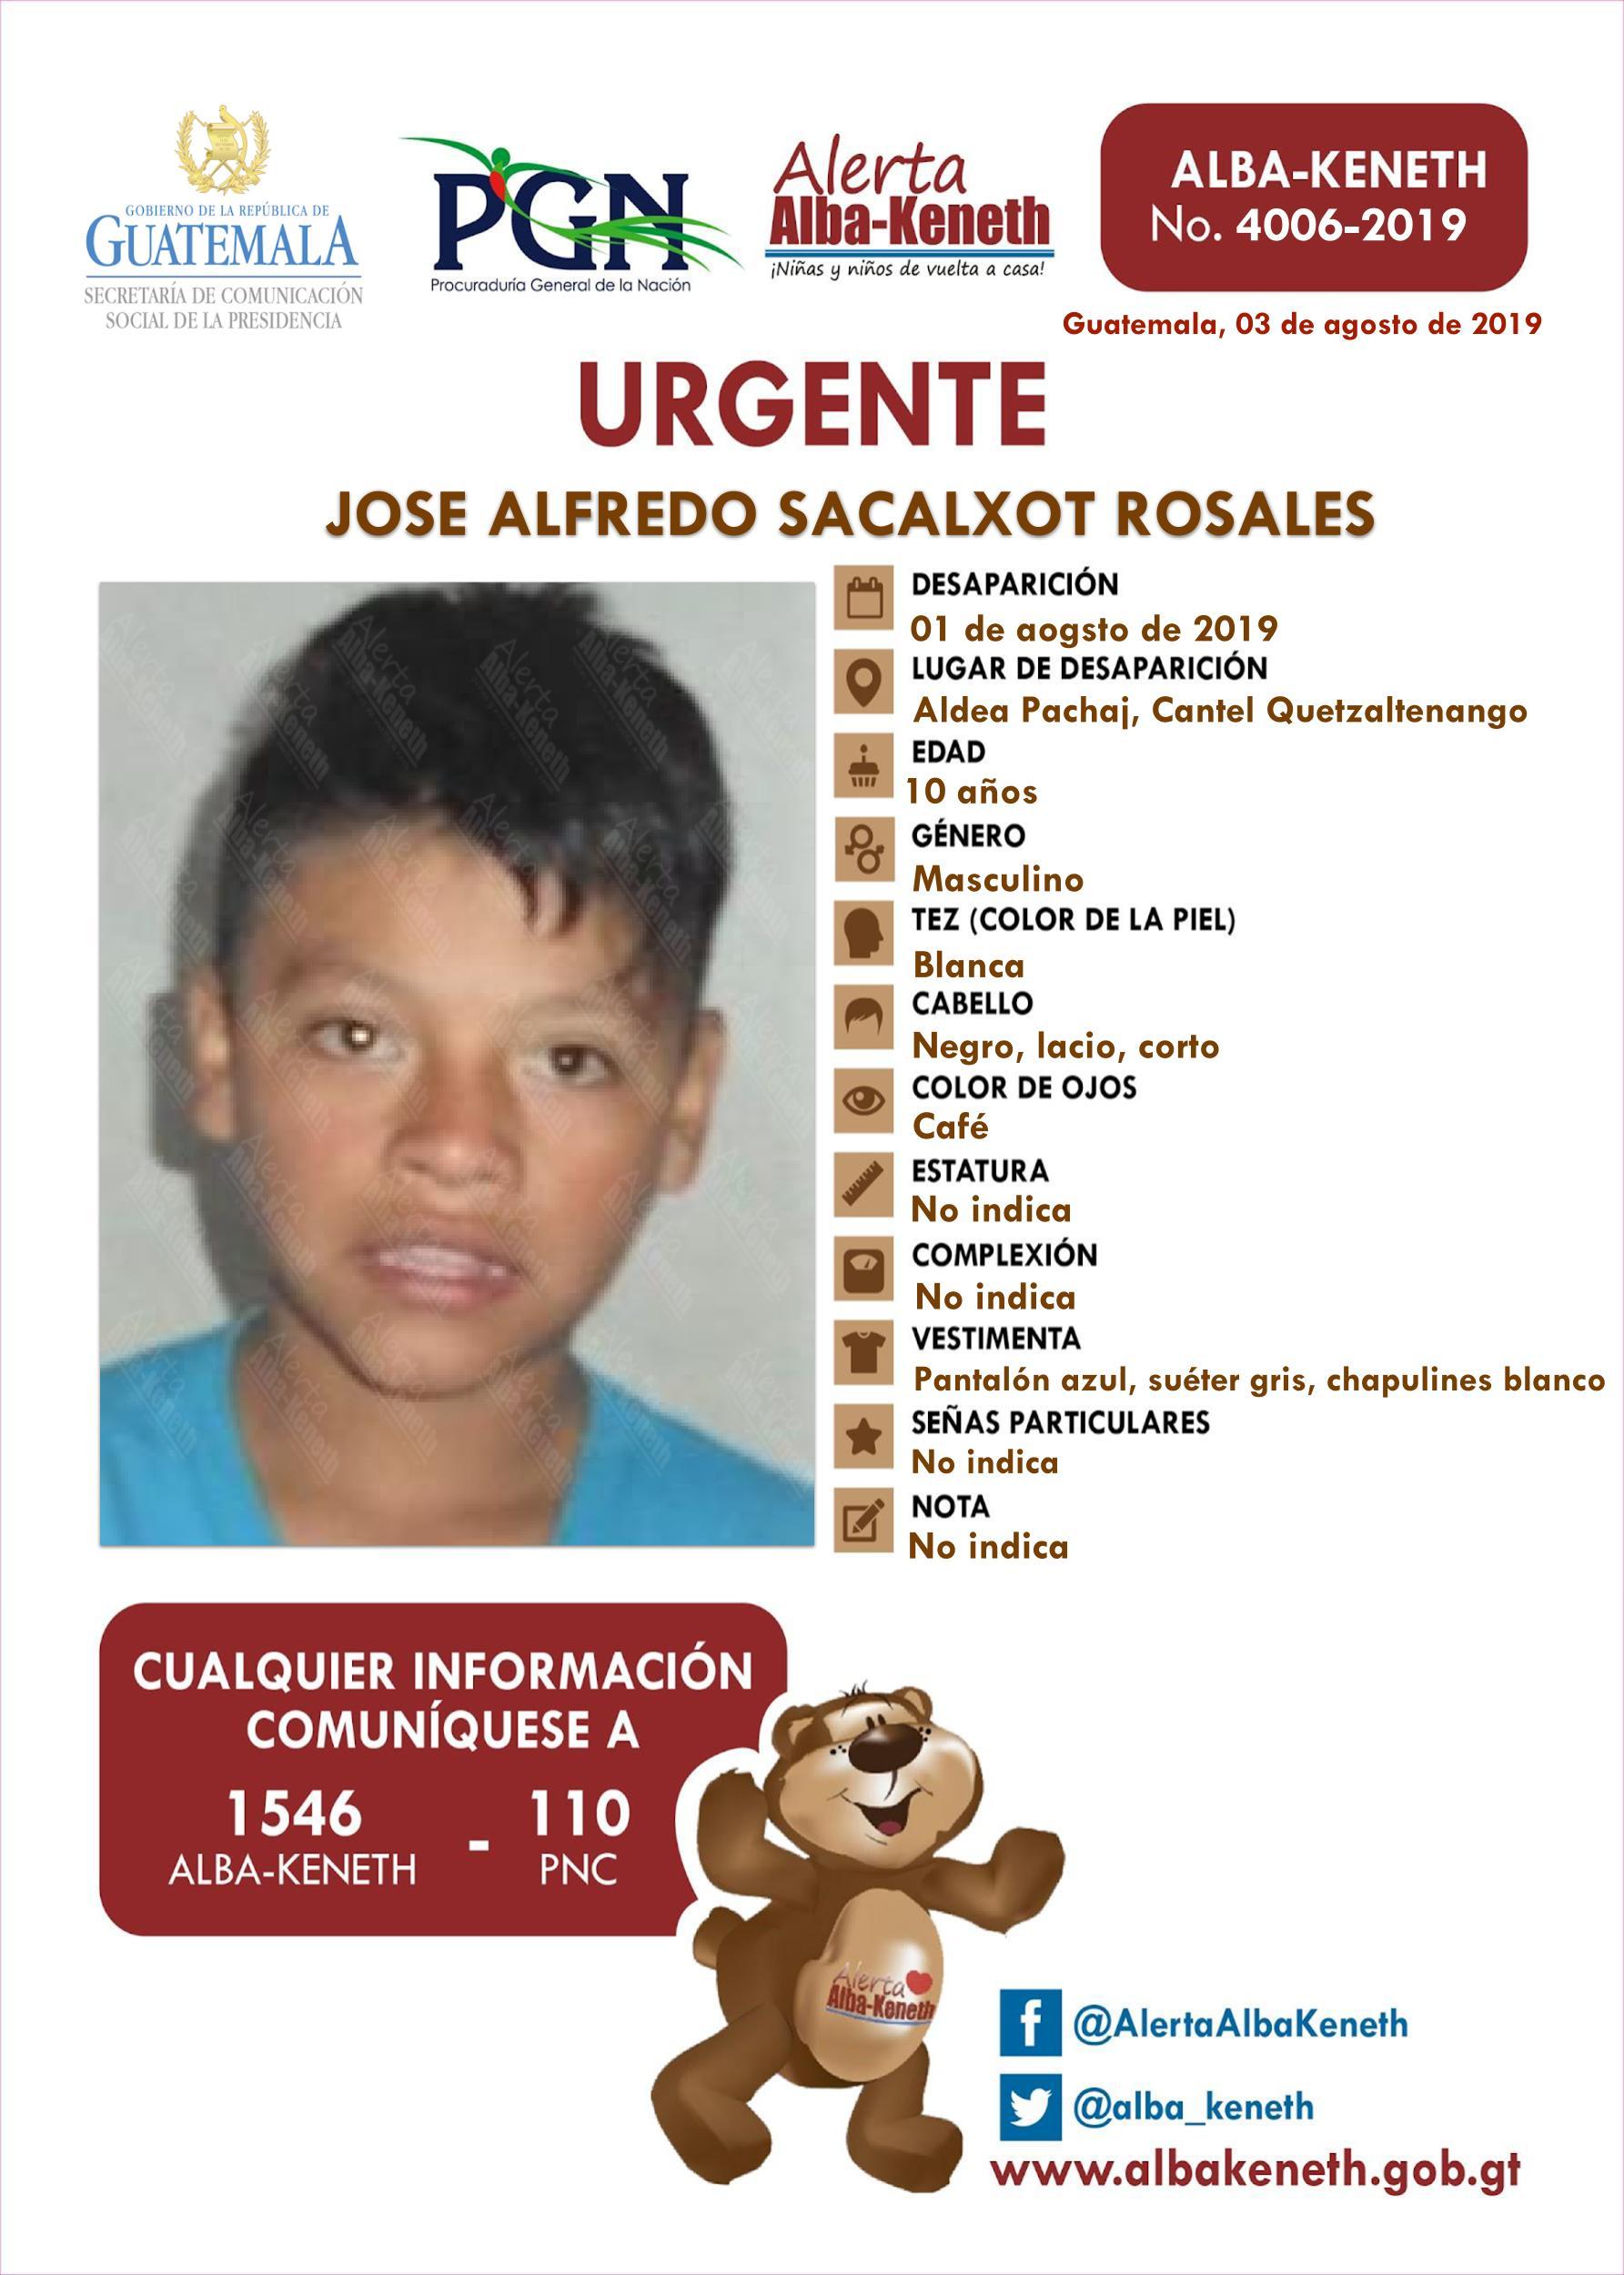 Jose Alfredo Sacalxot Rosales